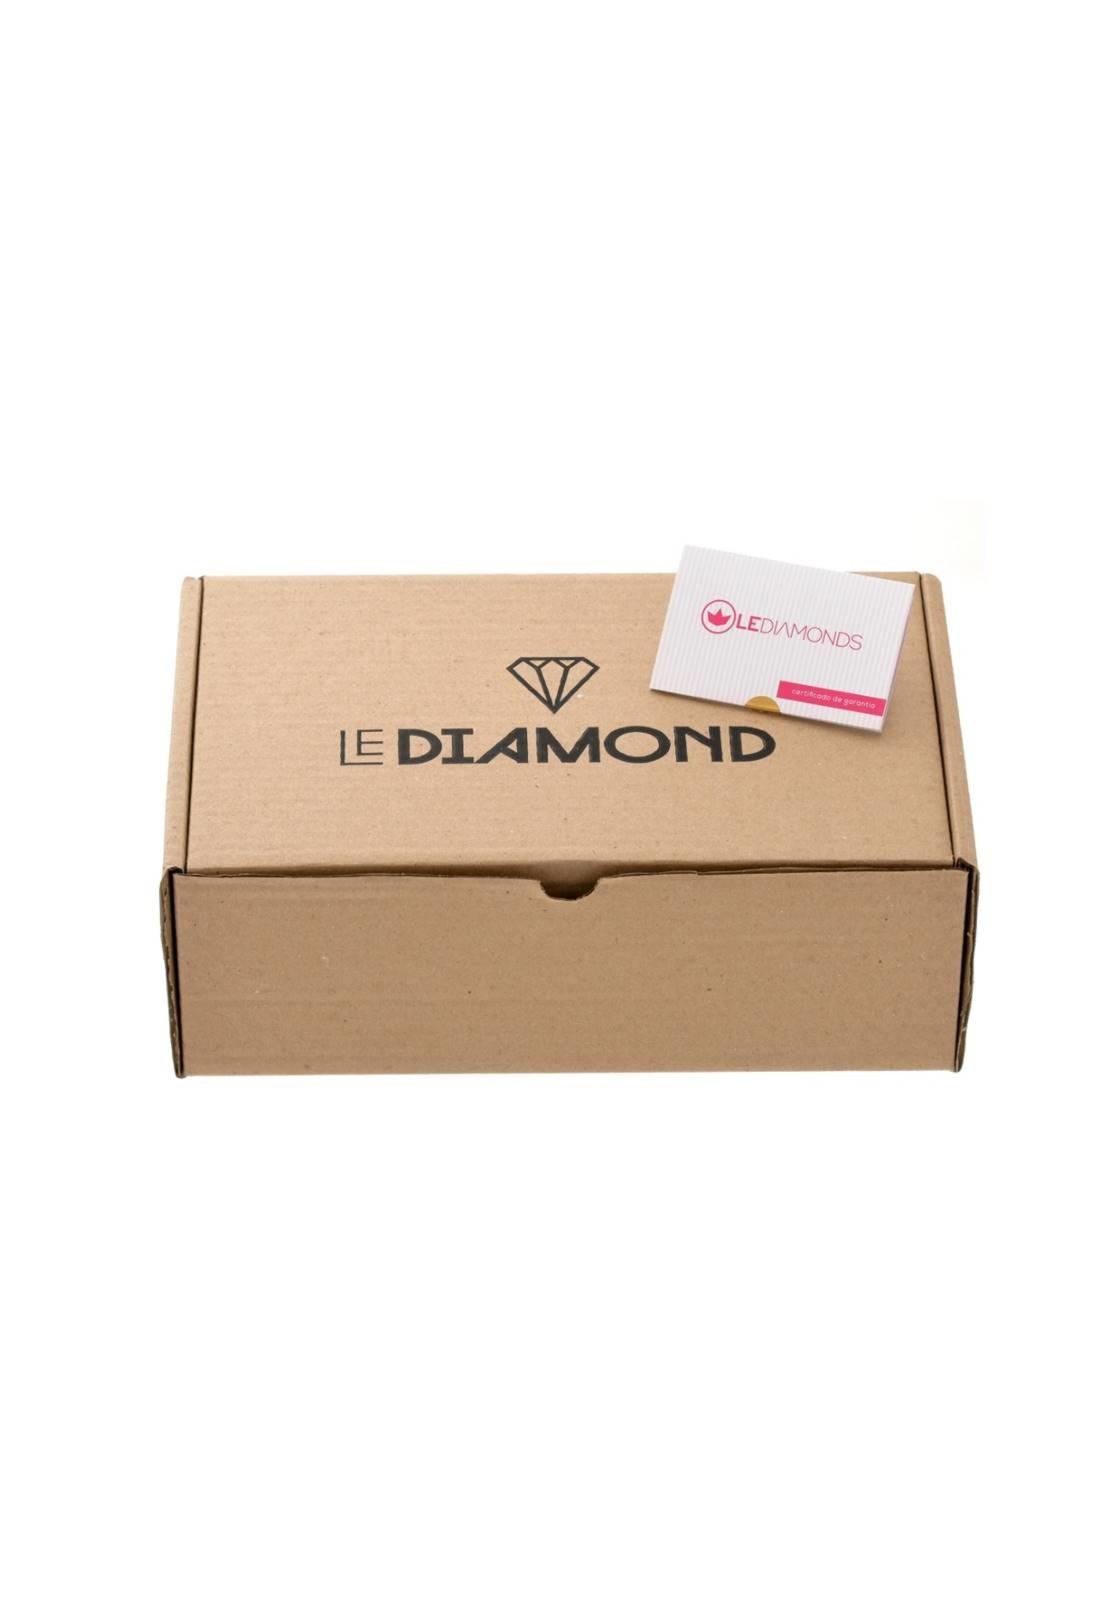 Brinco Le Diamond Laço e Coração Lilás